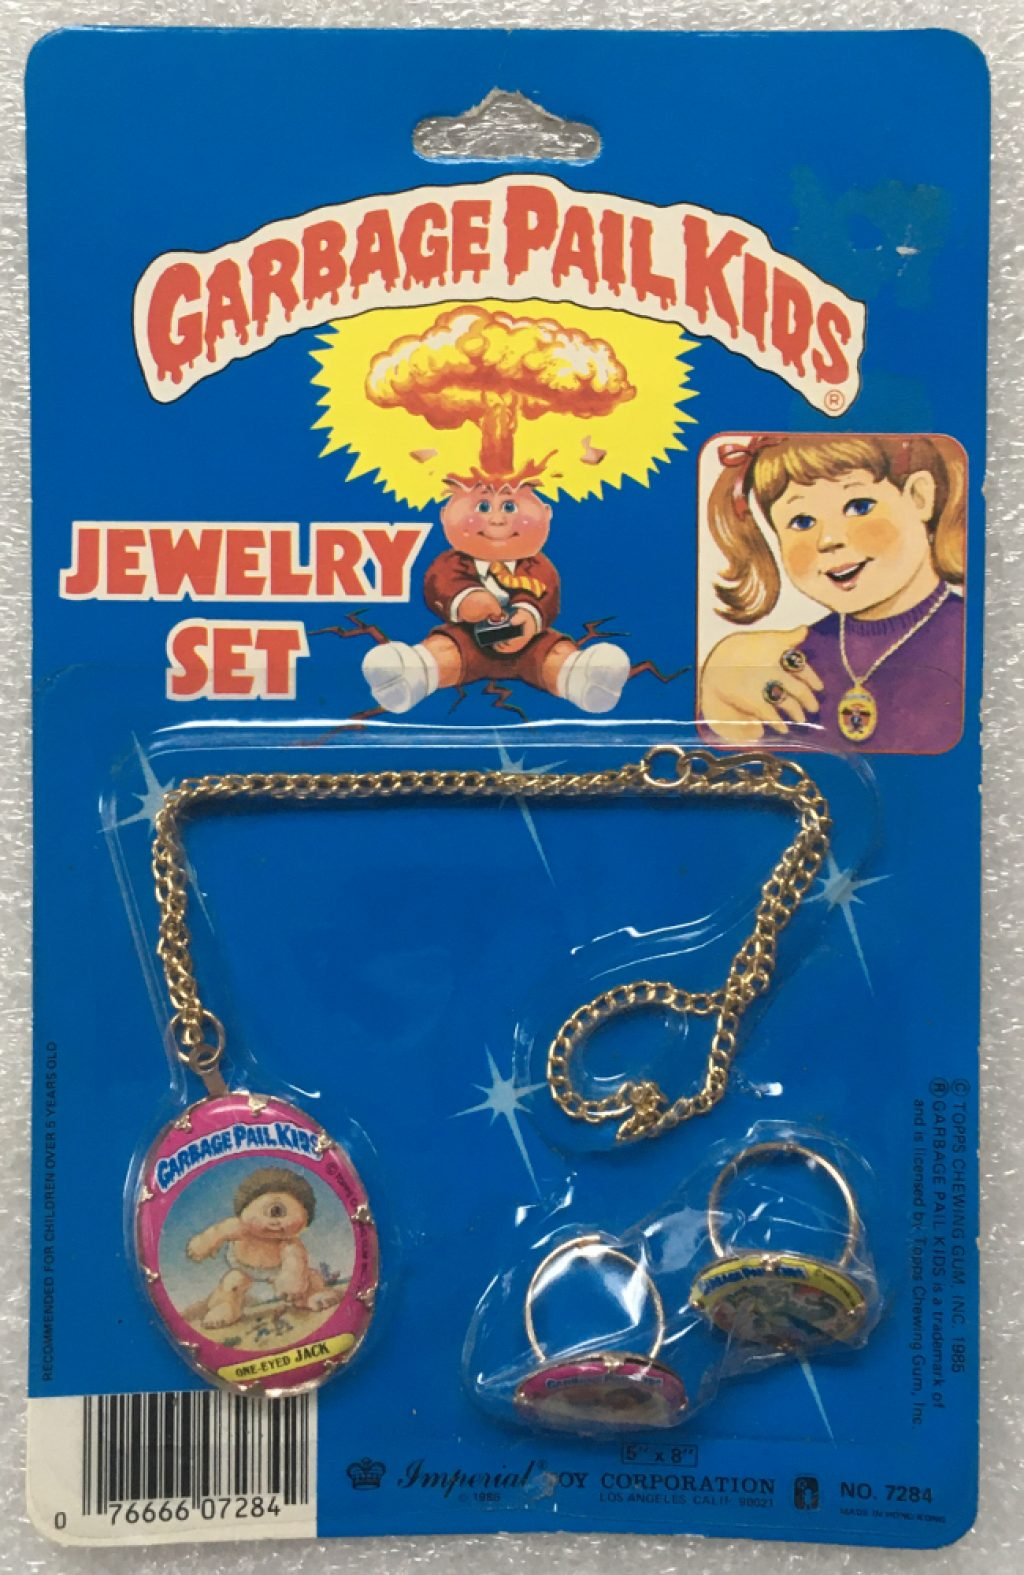 1985 Garbage Pail Kids Jewelry Set - One-Eyed Jack, Cranky Frankie & Charred Chad